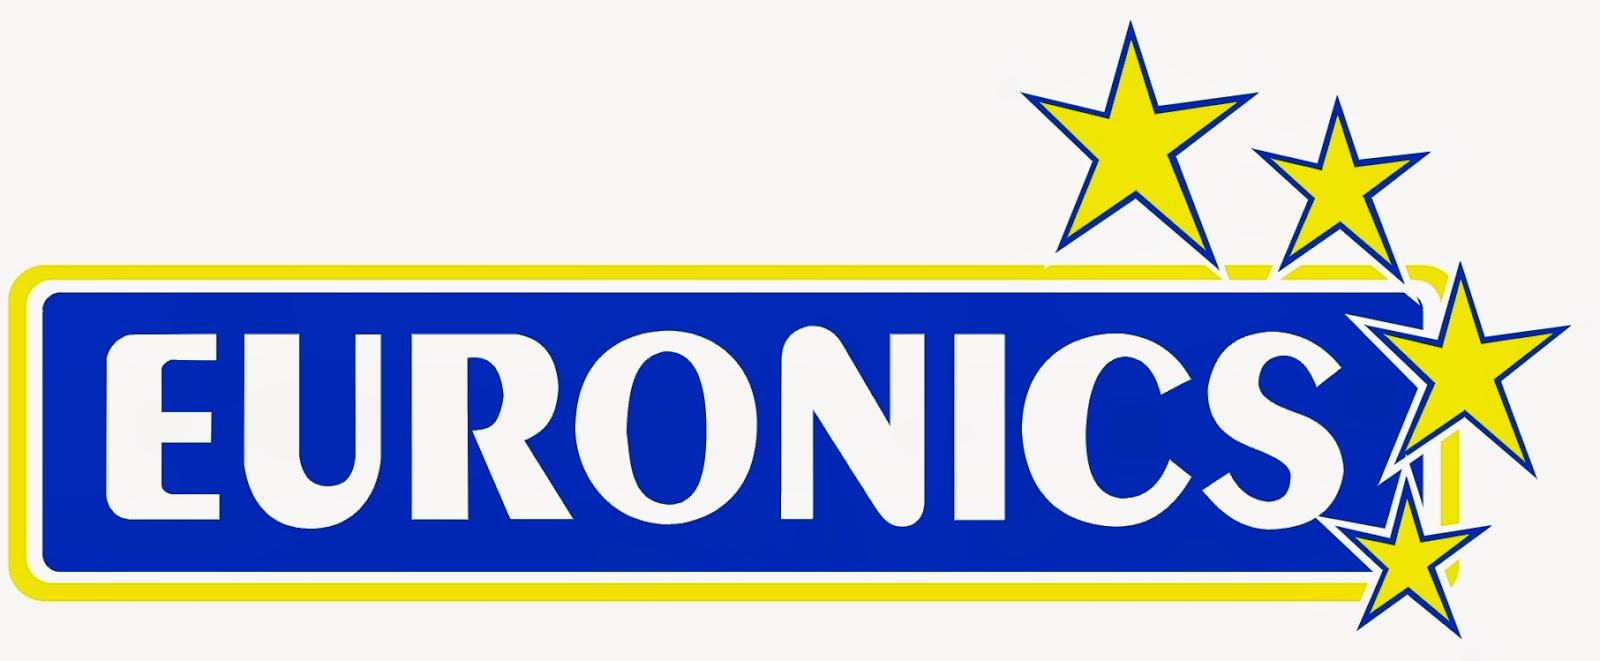 Offerte Euronics su Smartphone dal 19 febbraio al 4 marzo 2015